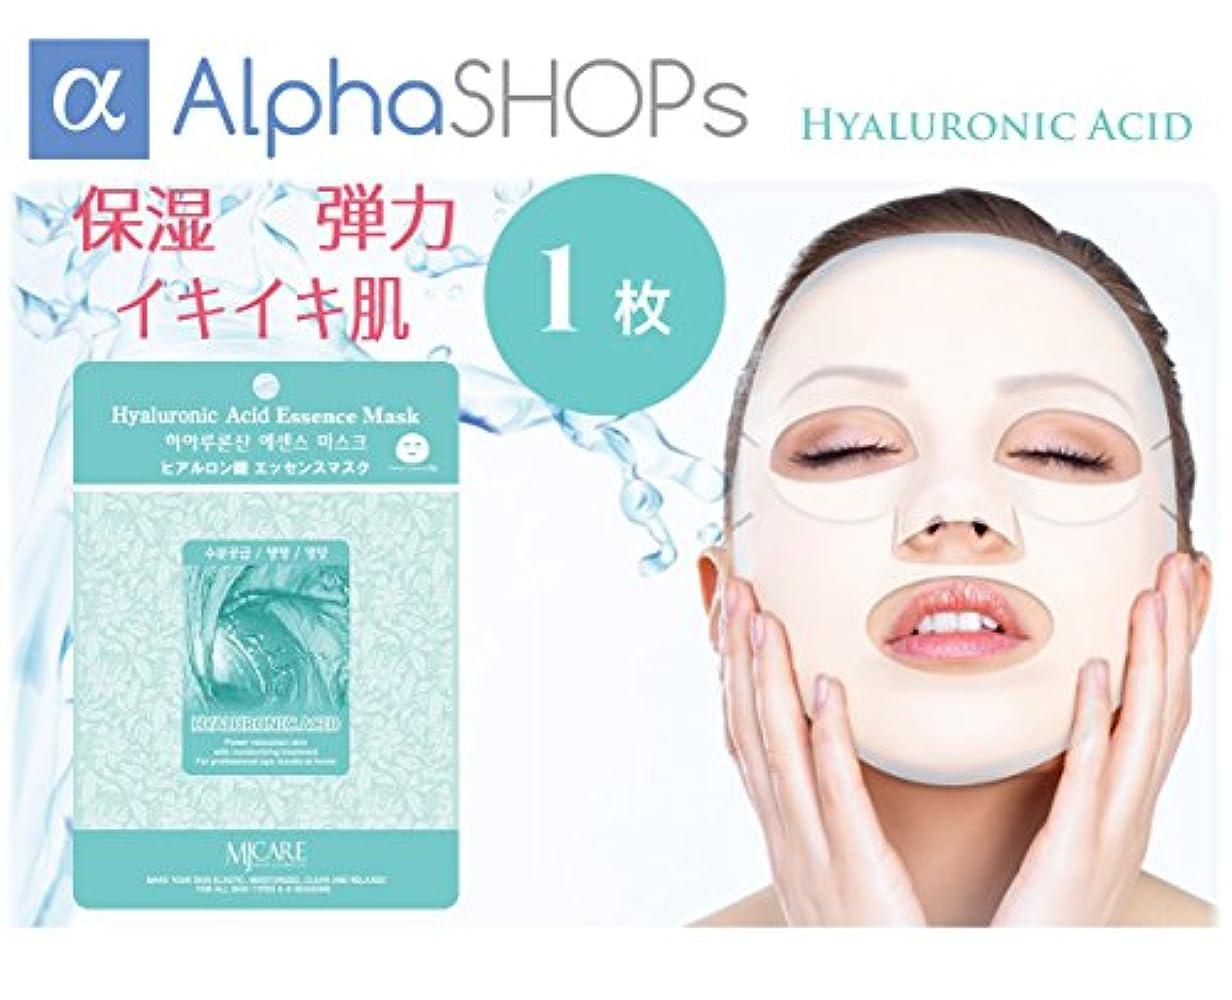 未満違反するを除くシートマスク パック 1枚単品 ヒアルロン酸 エッセンスマスク 韓国コスメ MIJIN(ミジン)